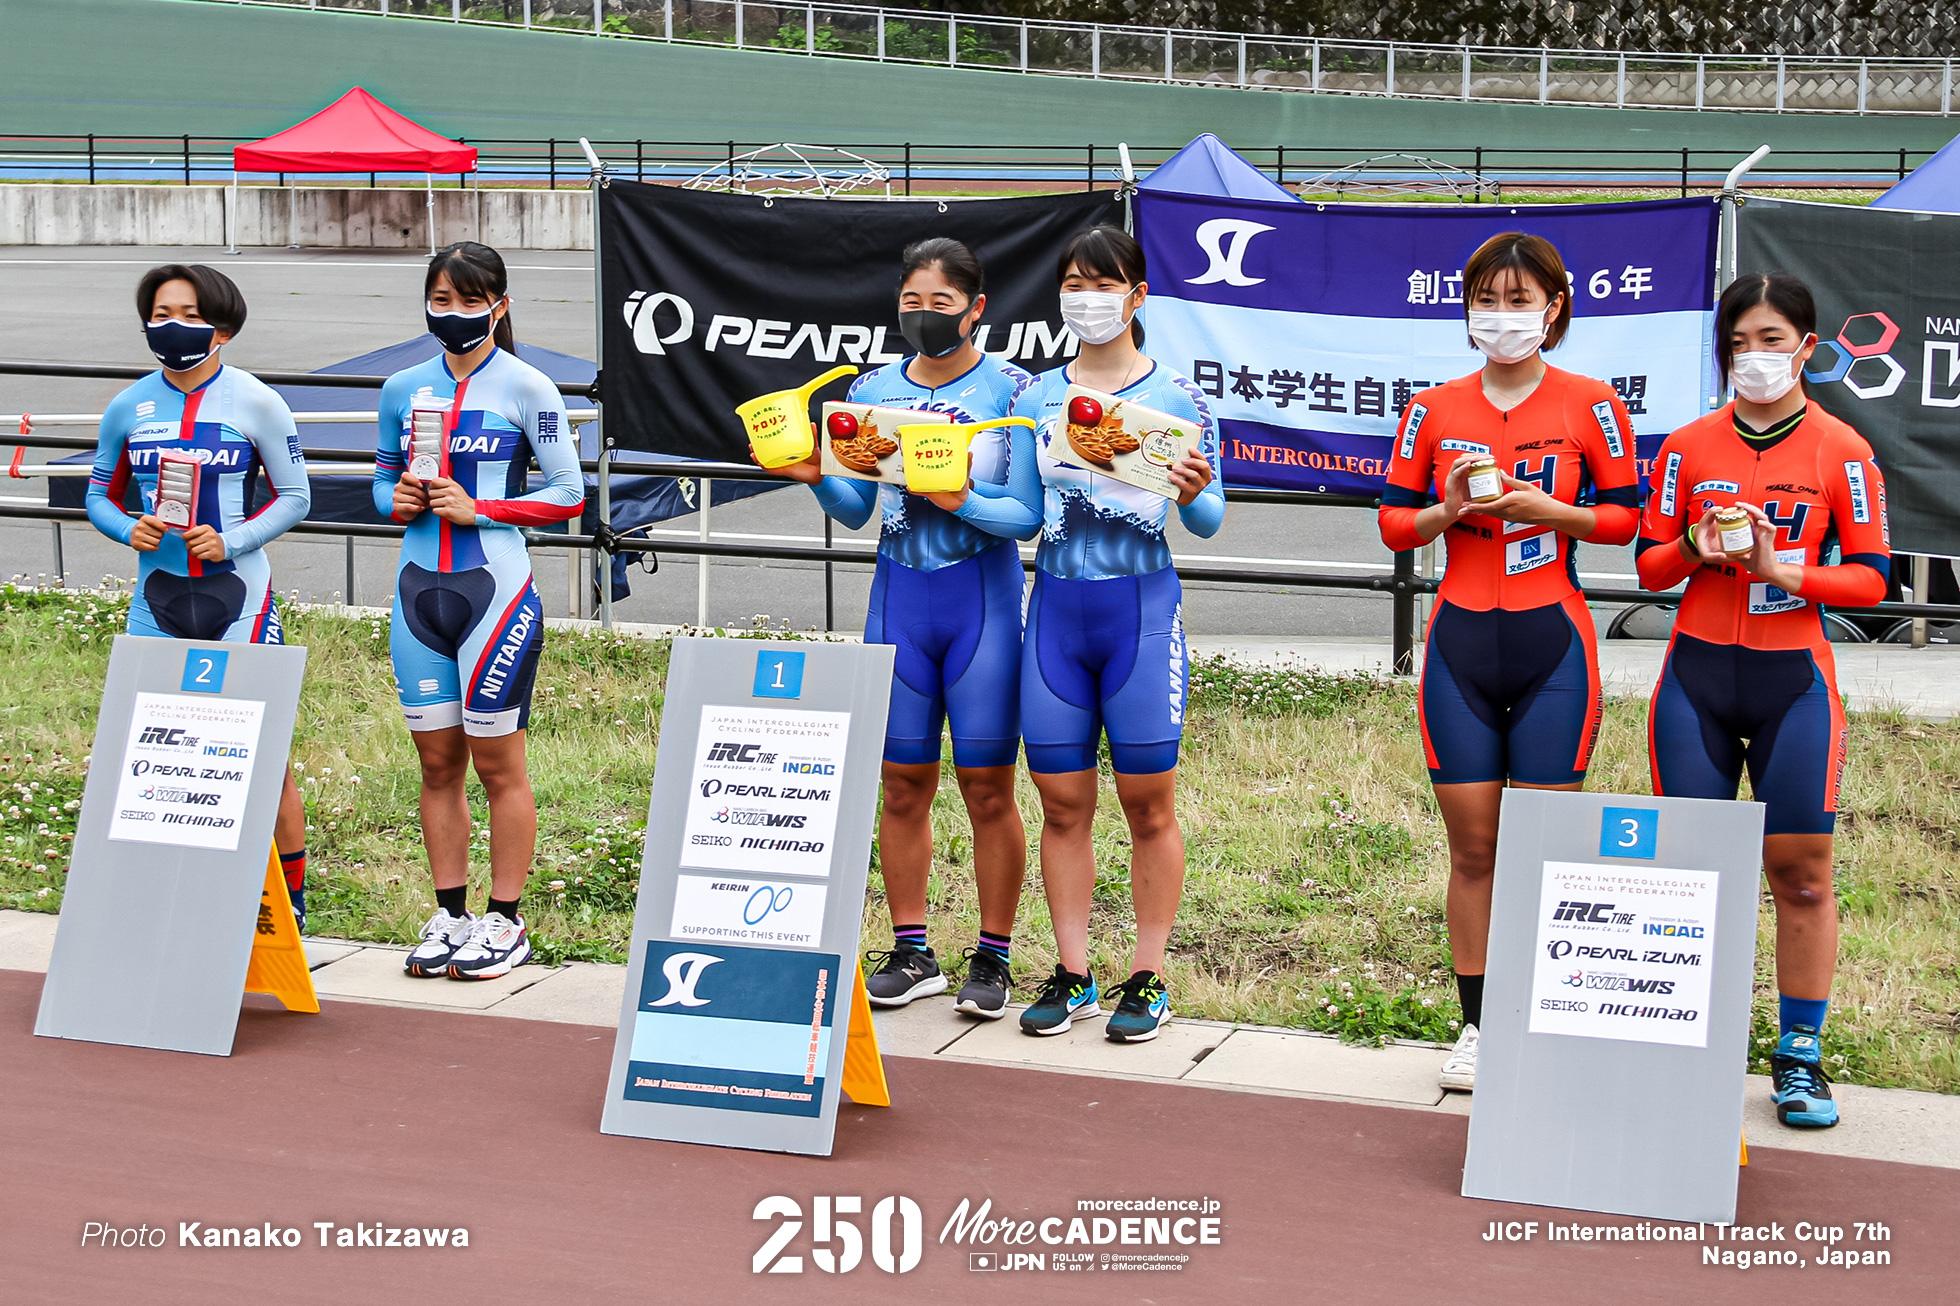 女子マディソン, 第7回全日本学生選手権オムニアム